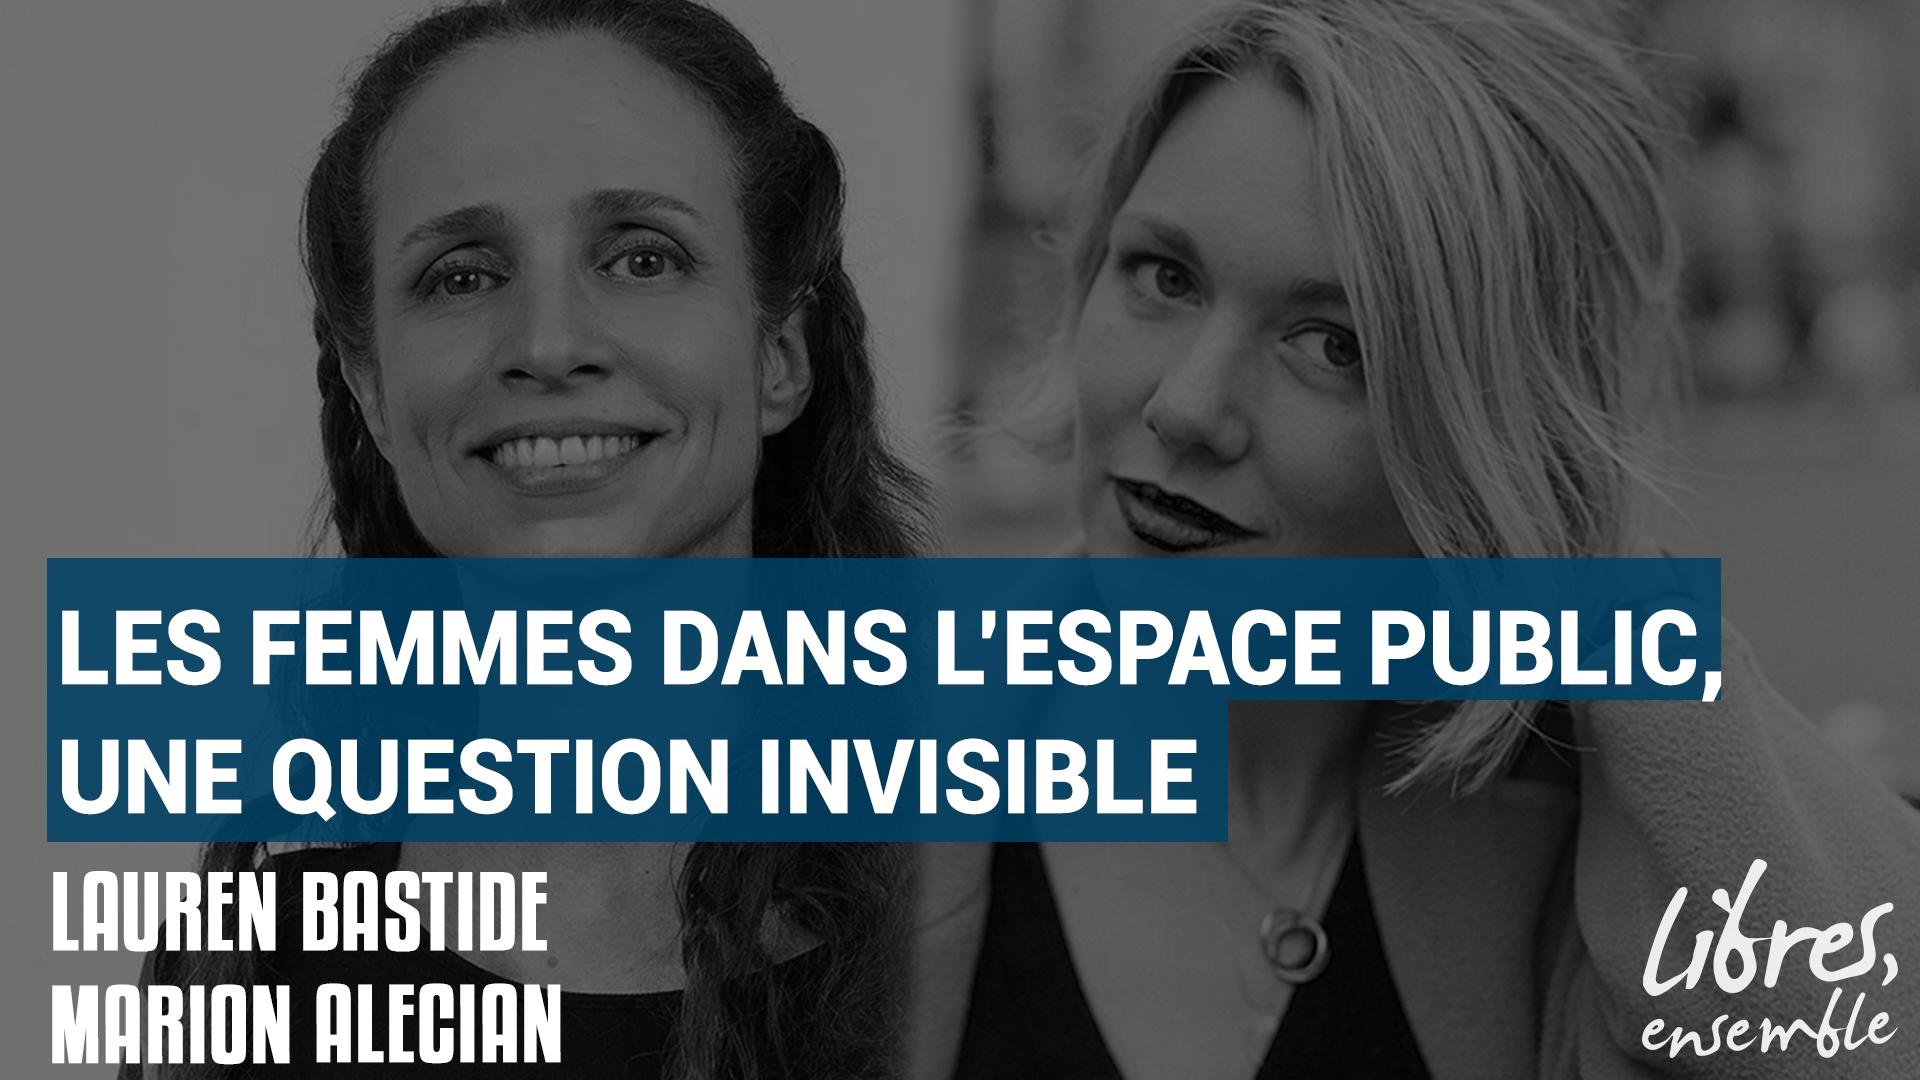 Les femmes dans l'espace public, une question invisible